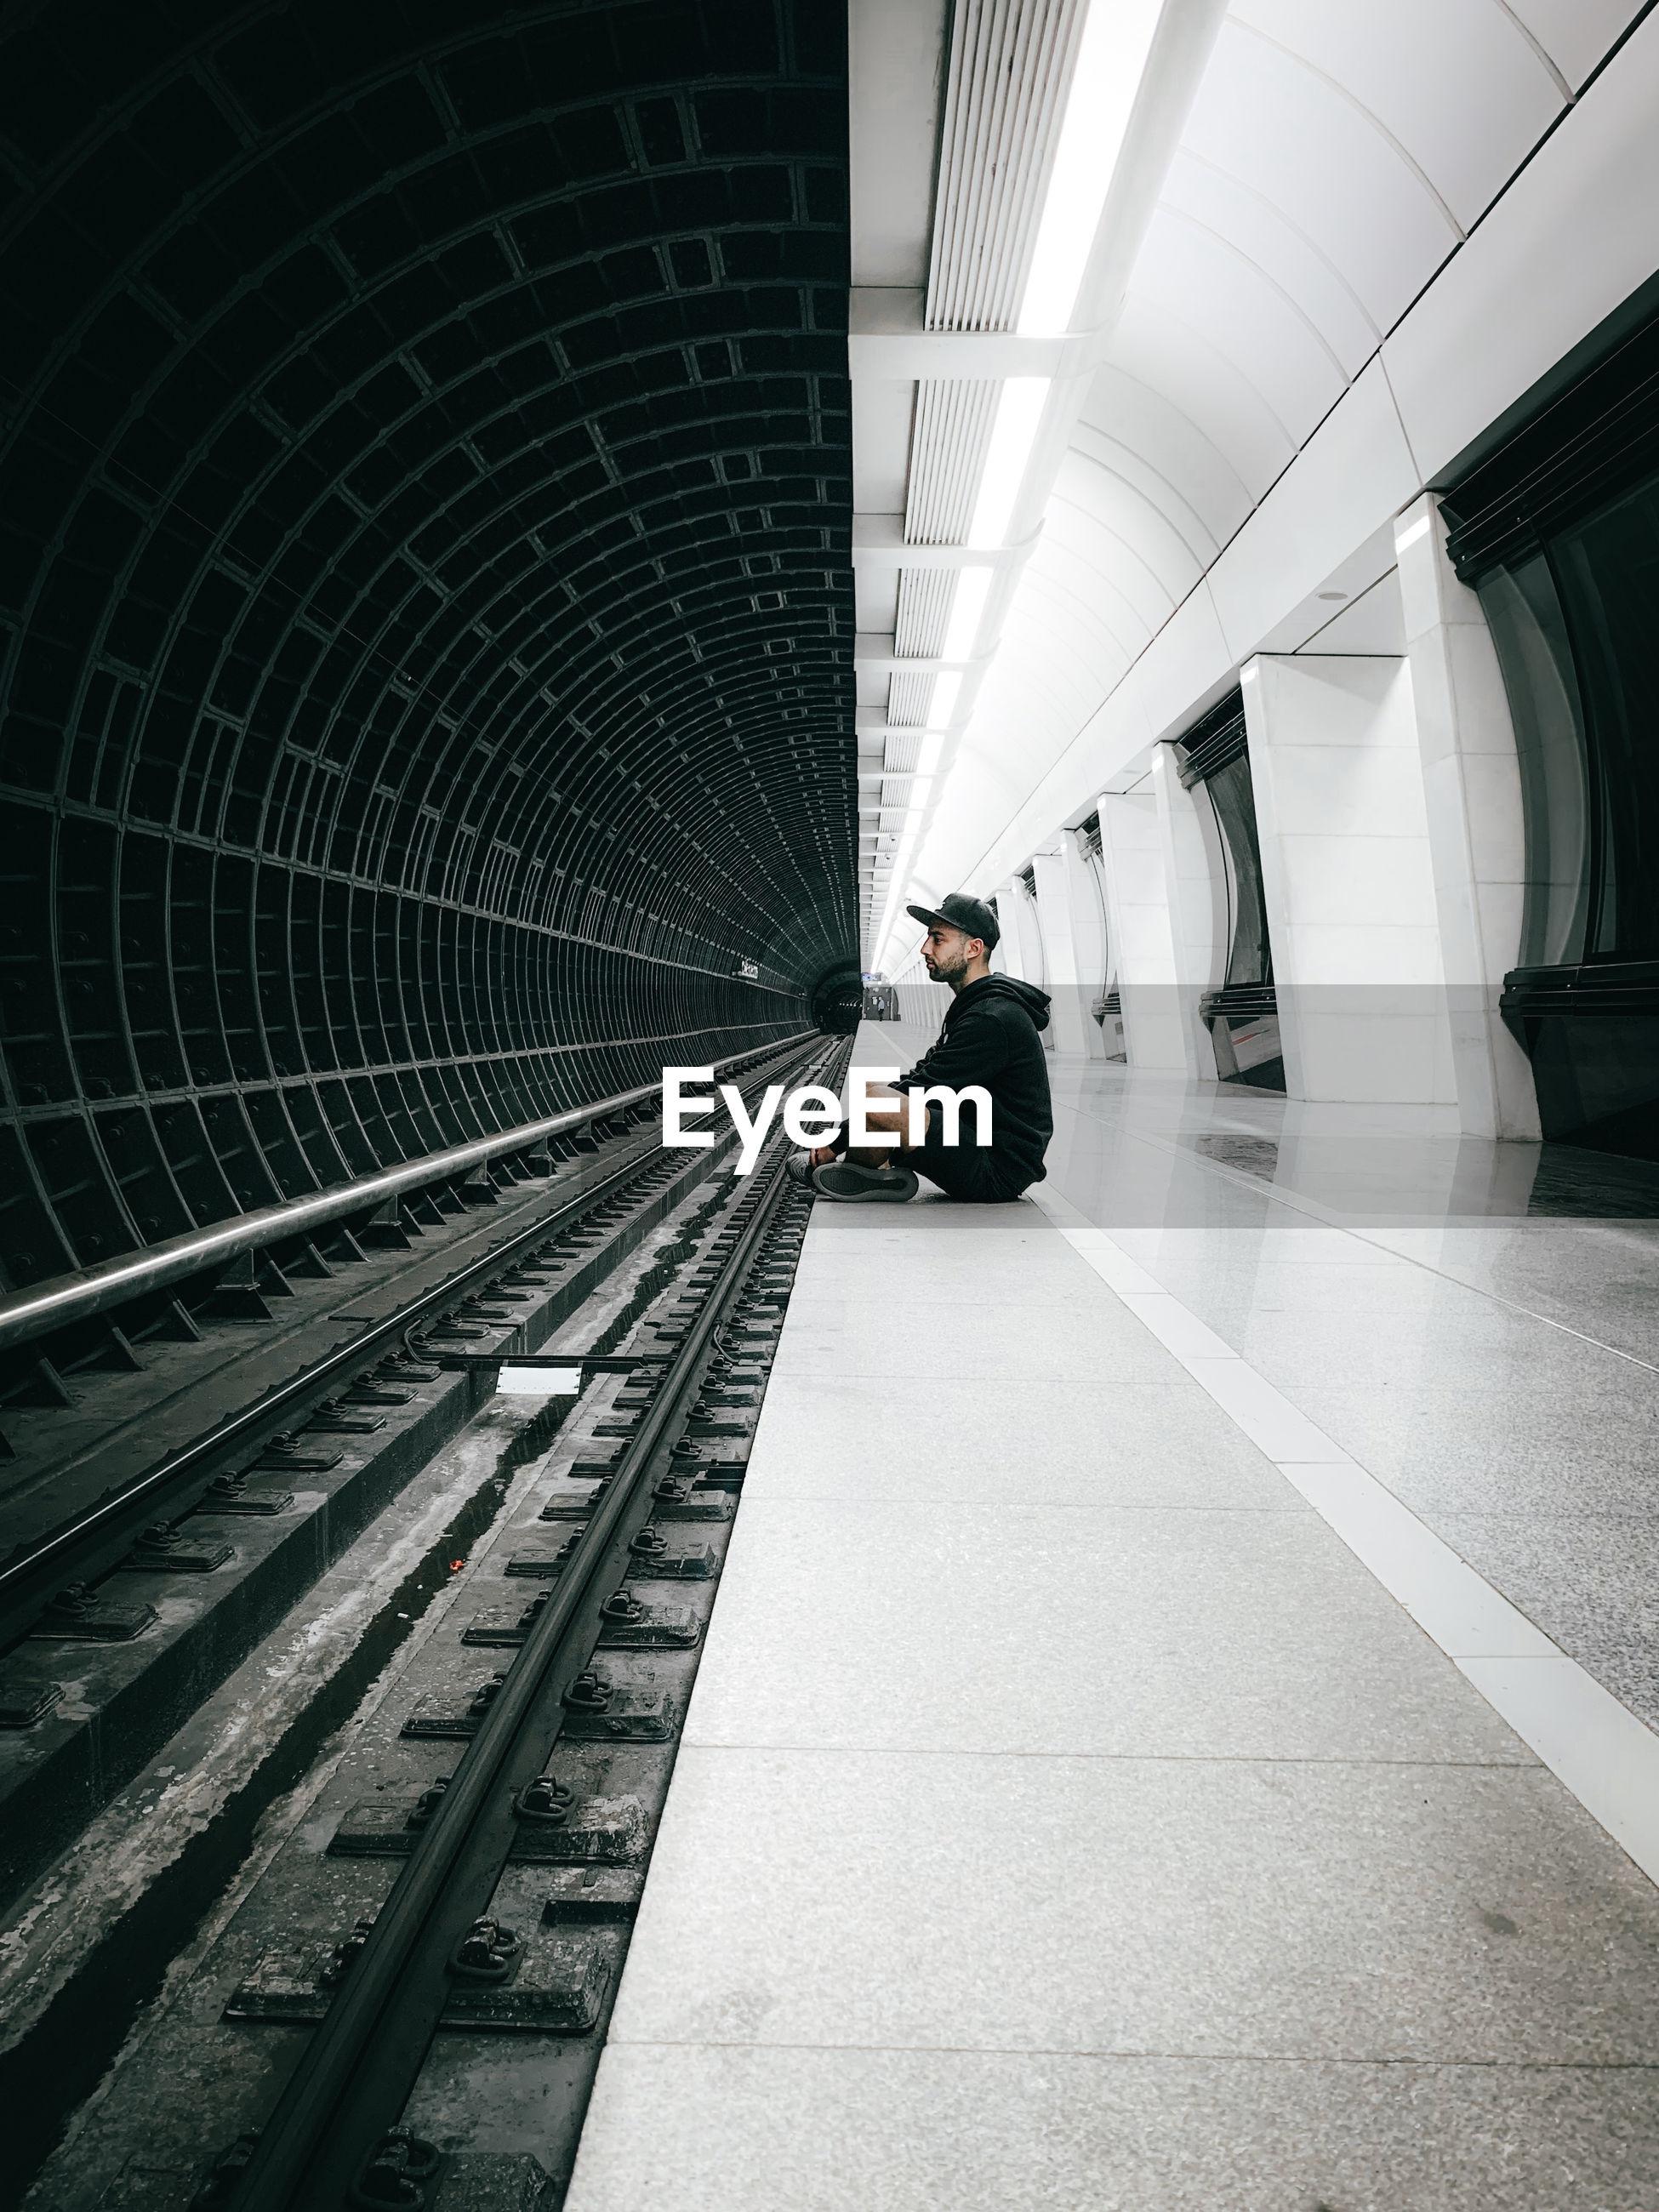 Man sitting at subway station platform